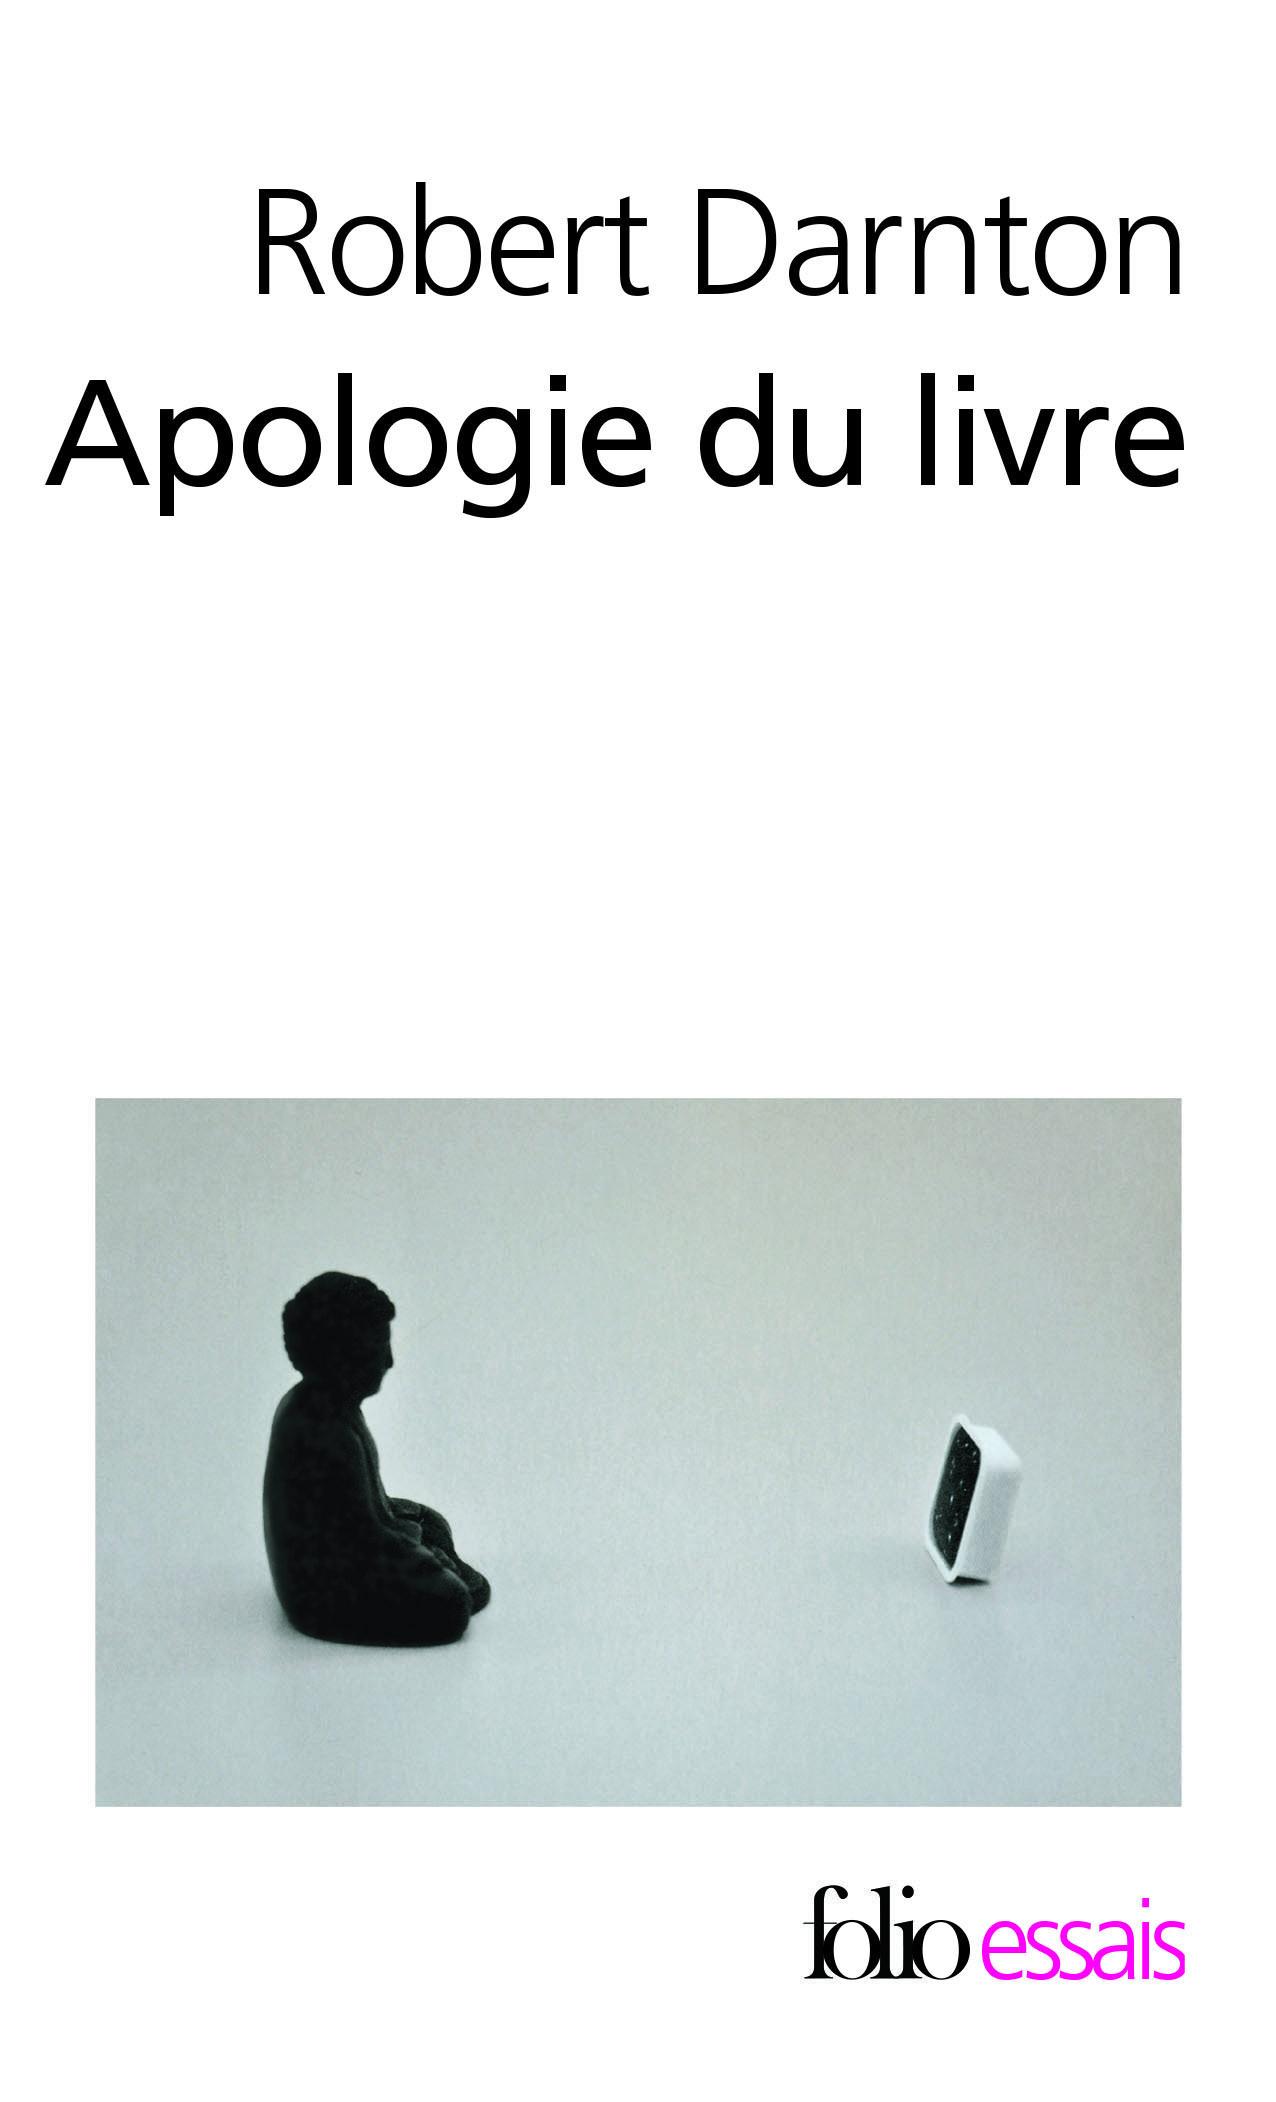 APOLOGIE DU LIVRE